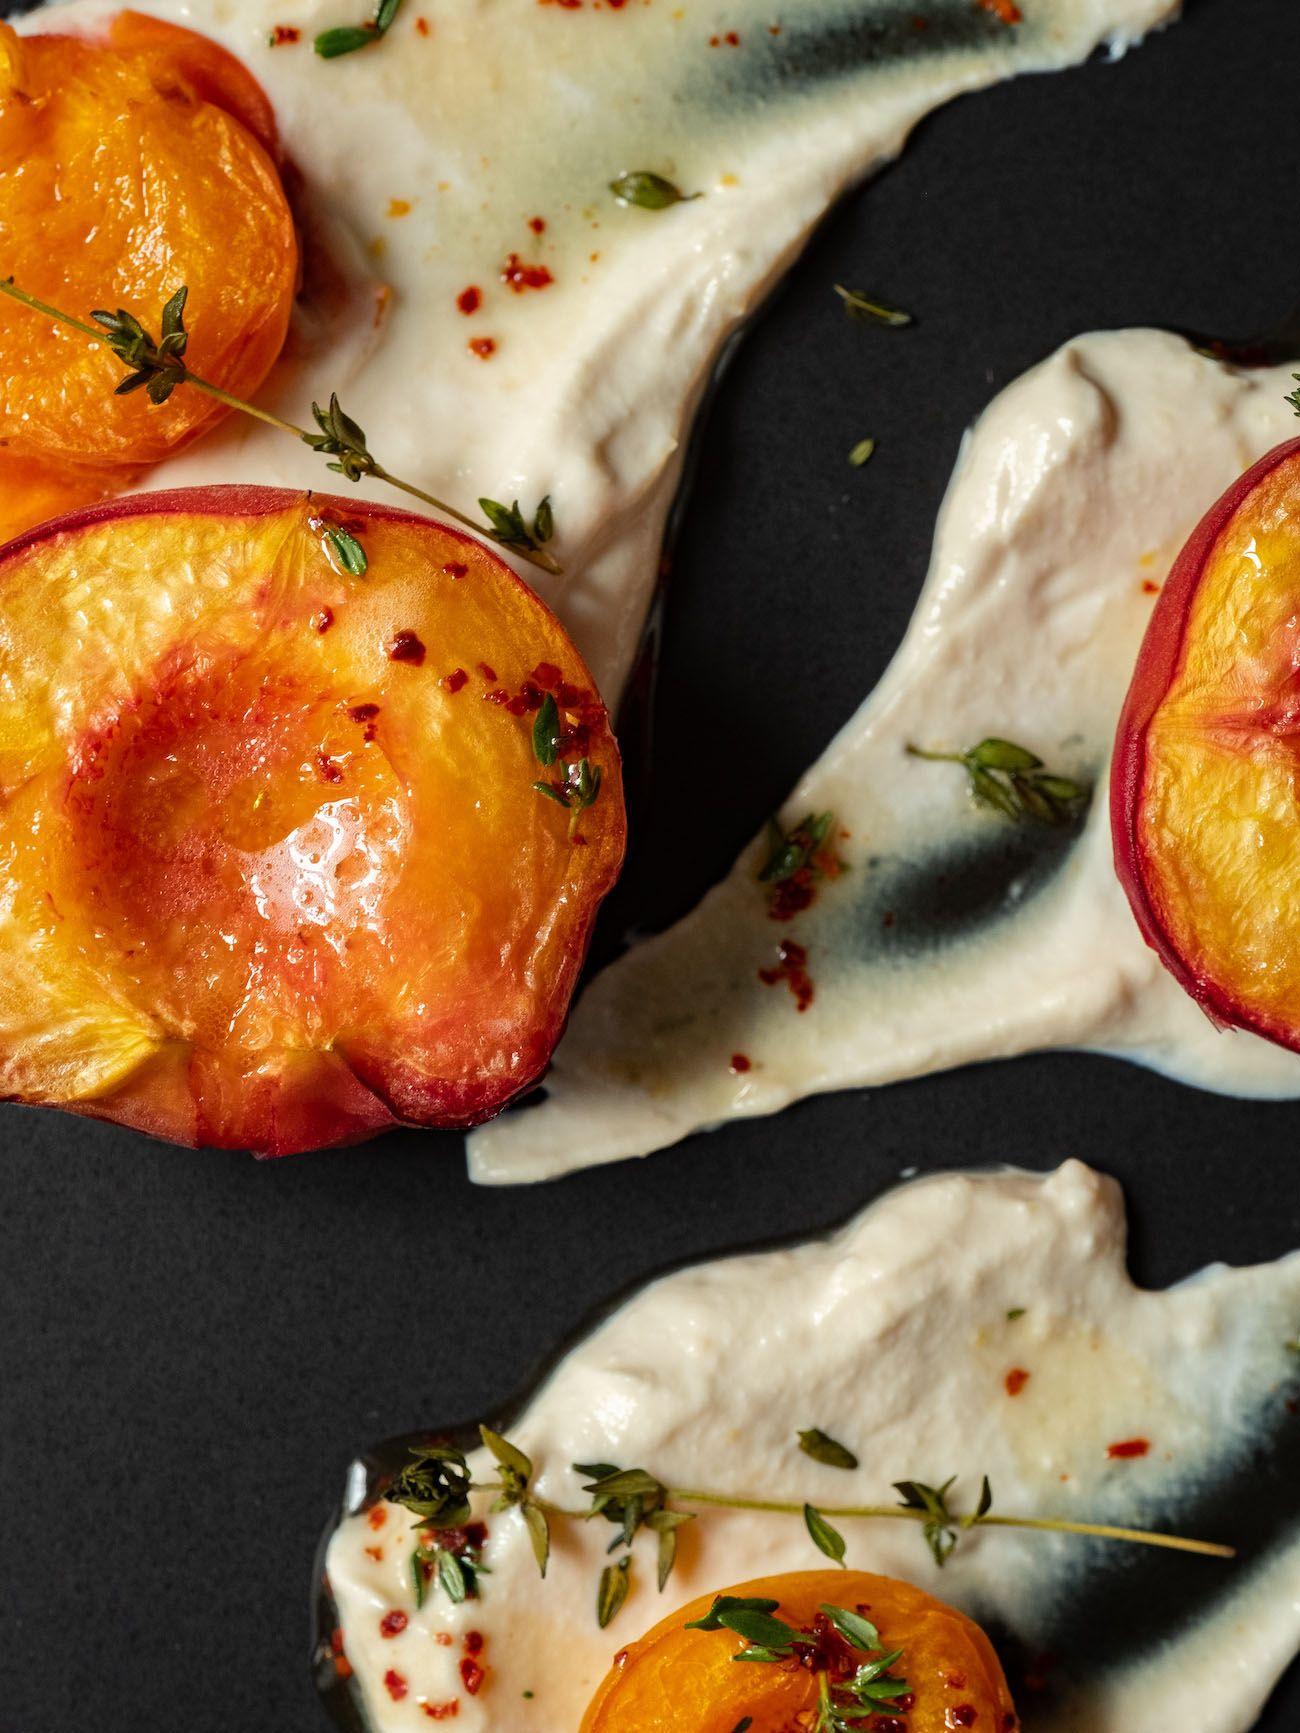 About Fuel, Foodblog, Rezept, Gebackene Pfirsiche und Aprikosen, Ricotta, Thymian, Ahornsirup, Chili